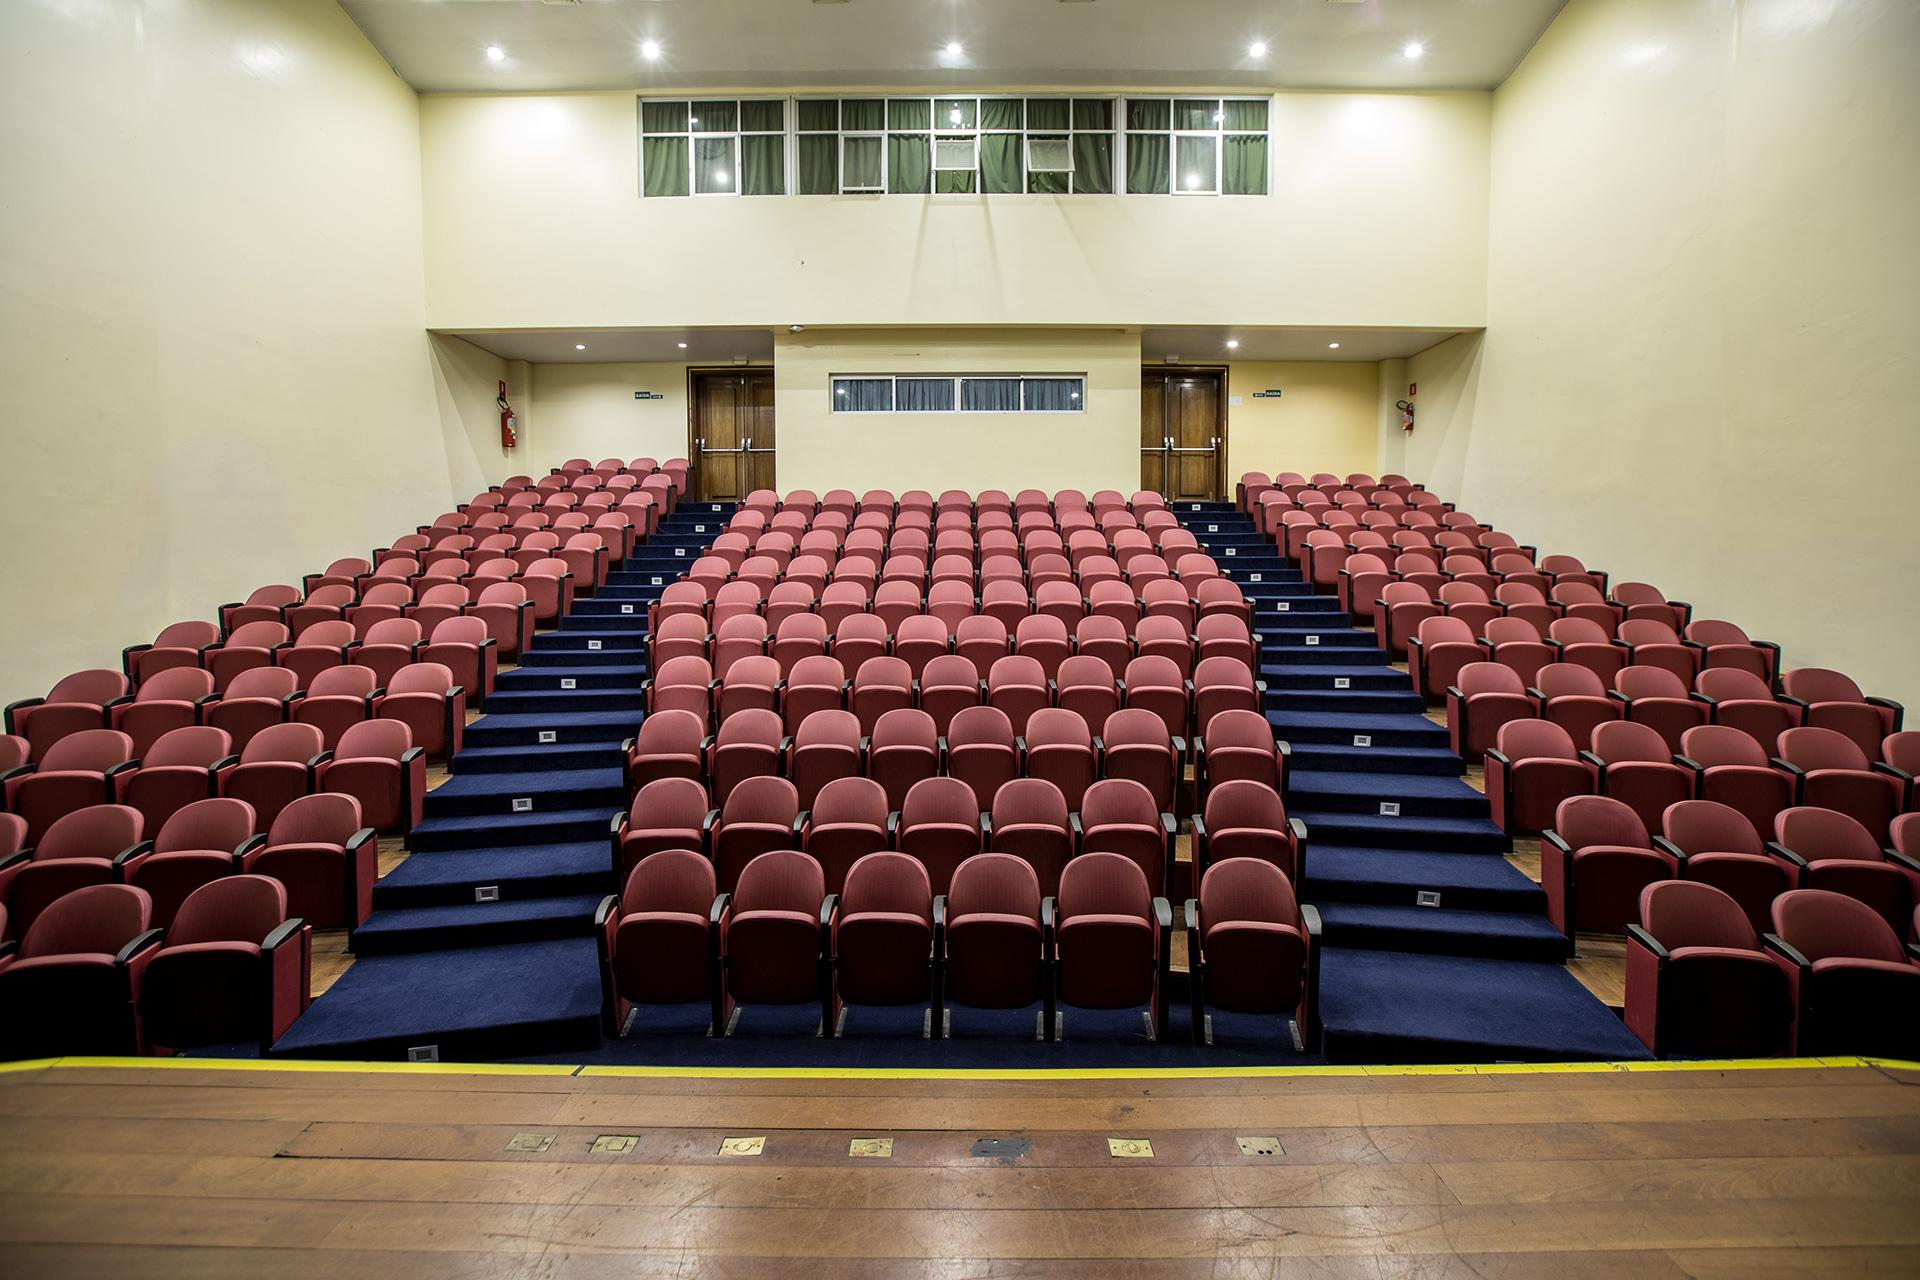 Anfiteatro-Visão-Palco-Público-1